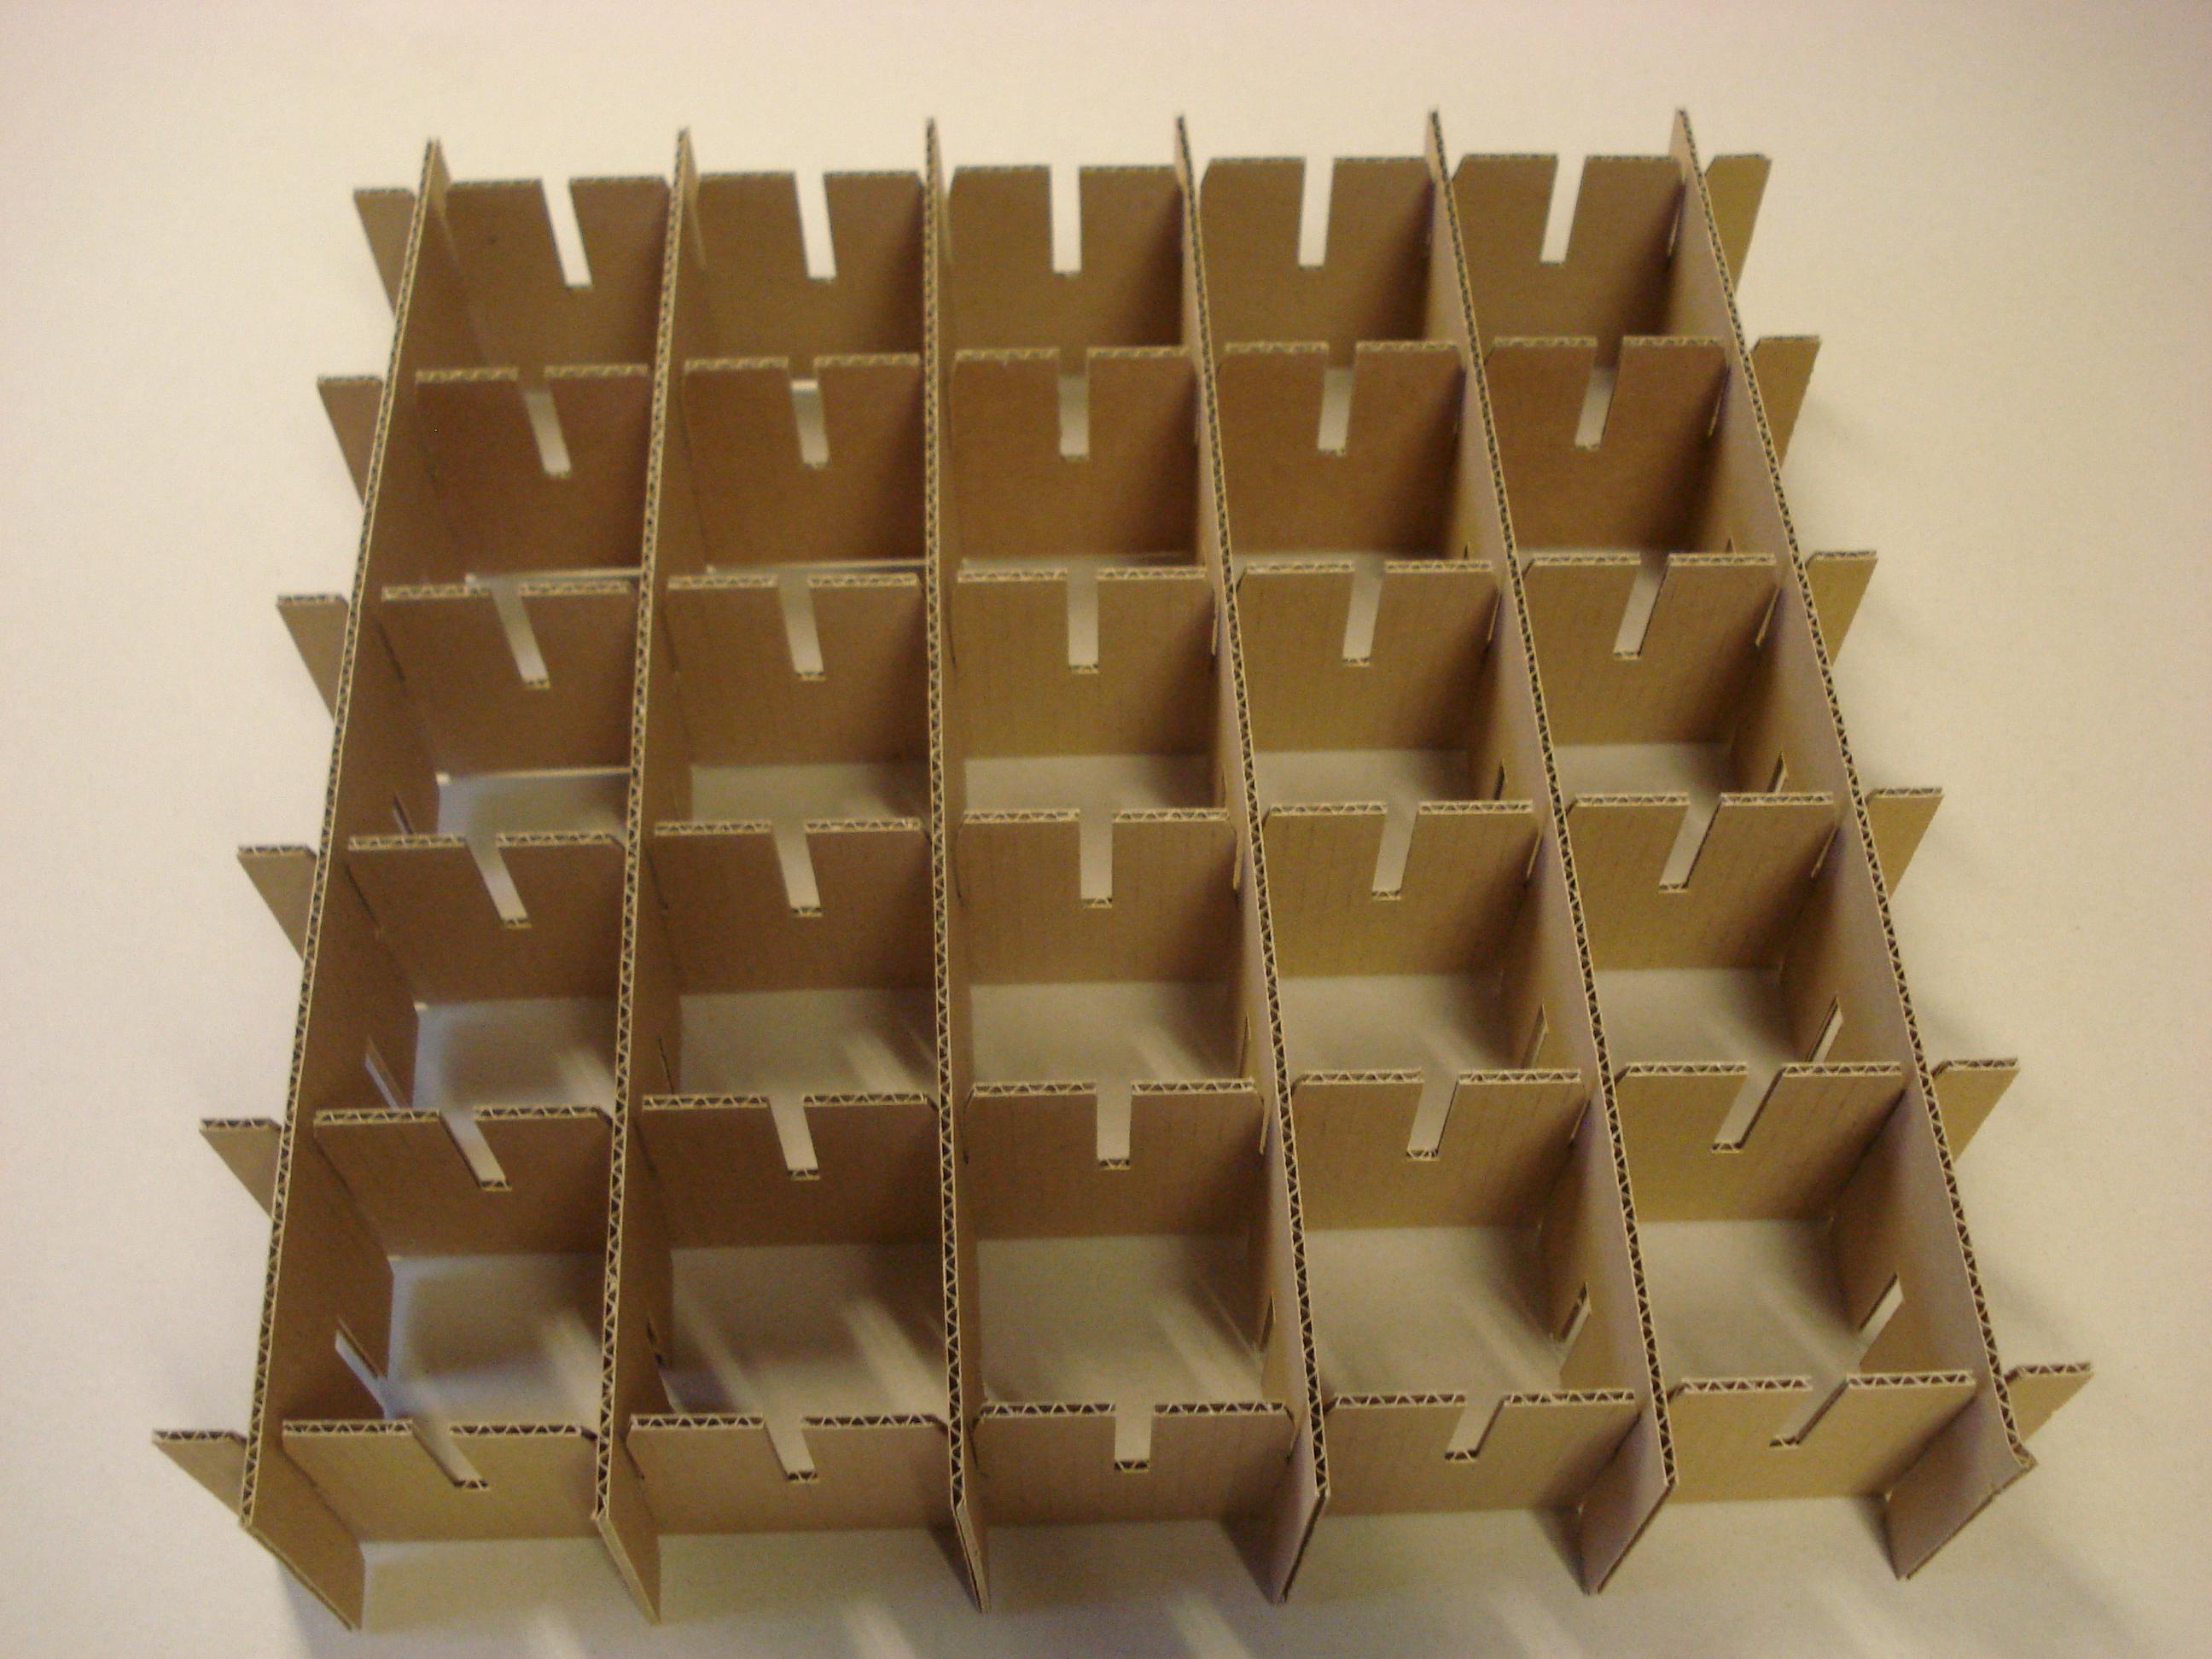 Les croisillons, encore appelés casiers ou séparateurs, peuvent être réalisés en carton compact, là ...